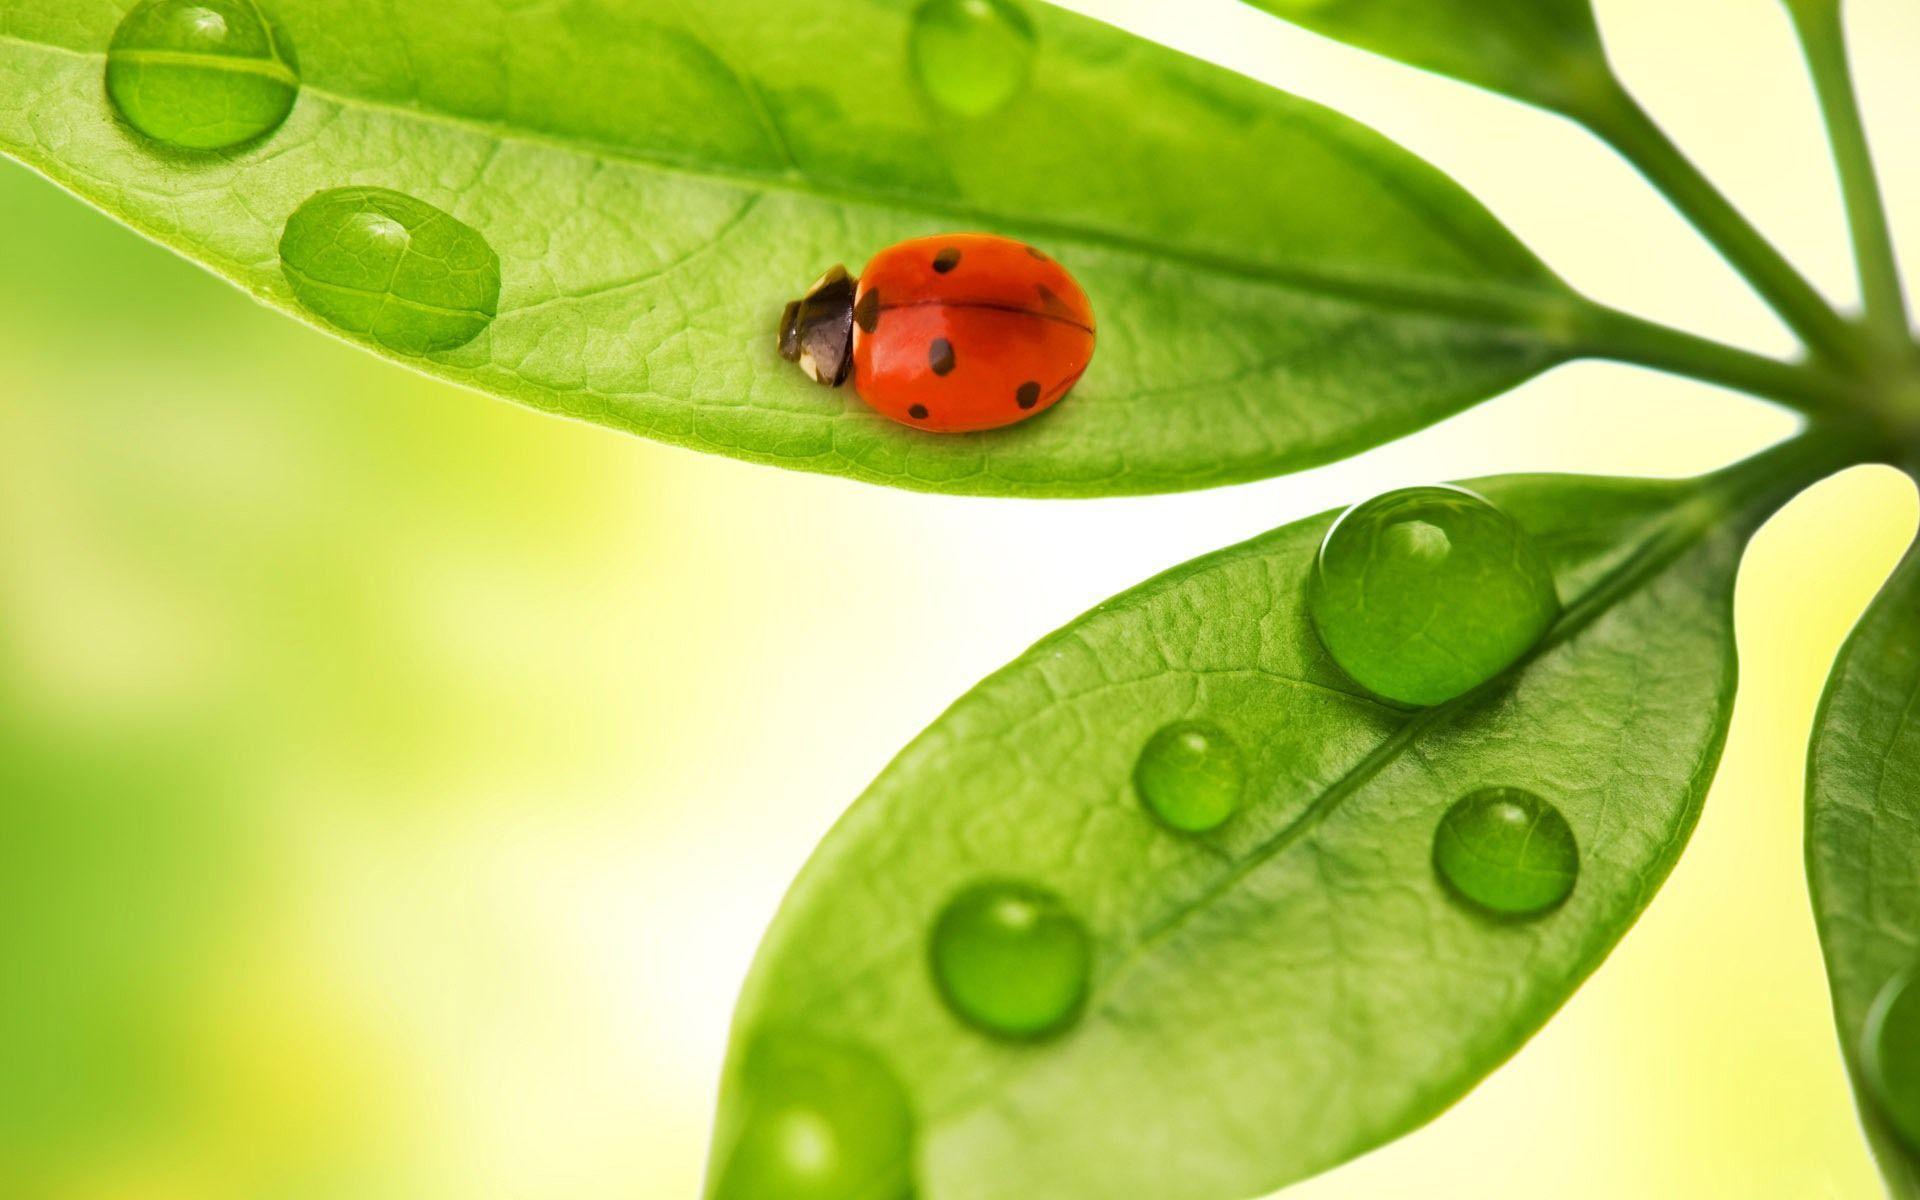 <b>Ladybug</b> on a leaf <b>wallpapers</b> | <b>Ladybug</b> on a leaf stock photos